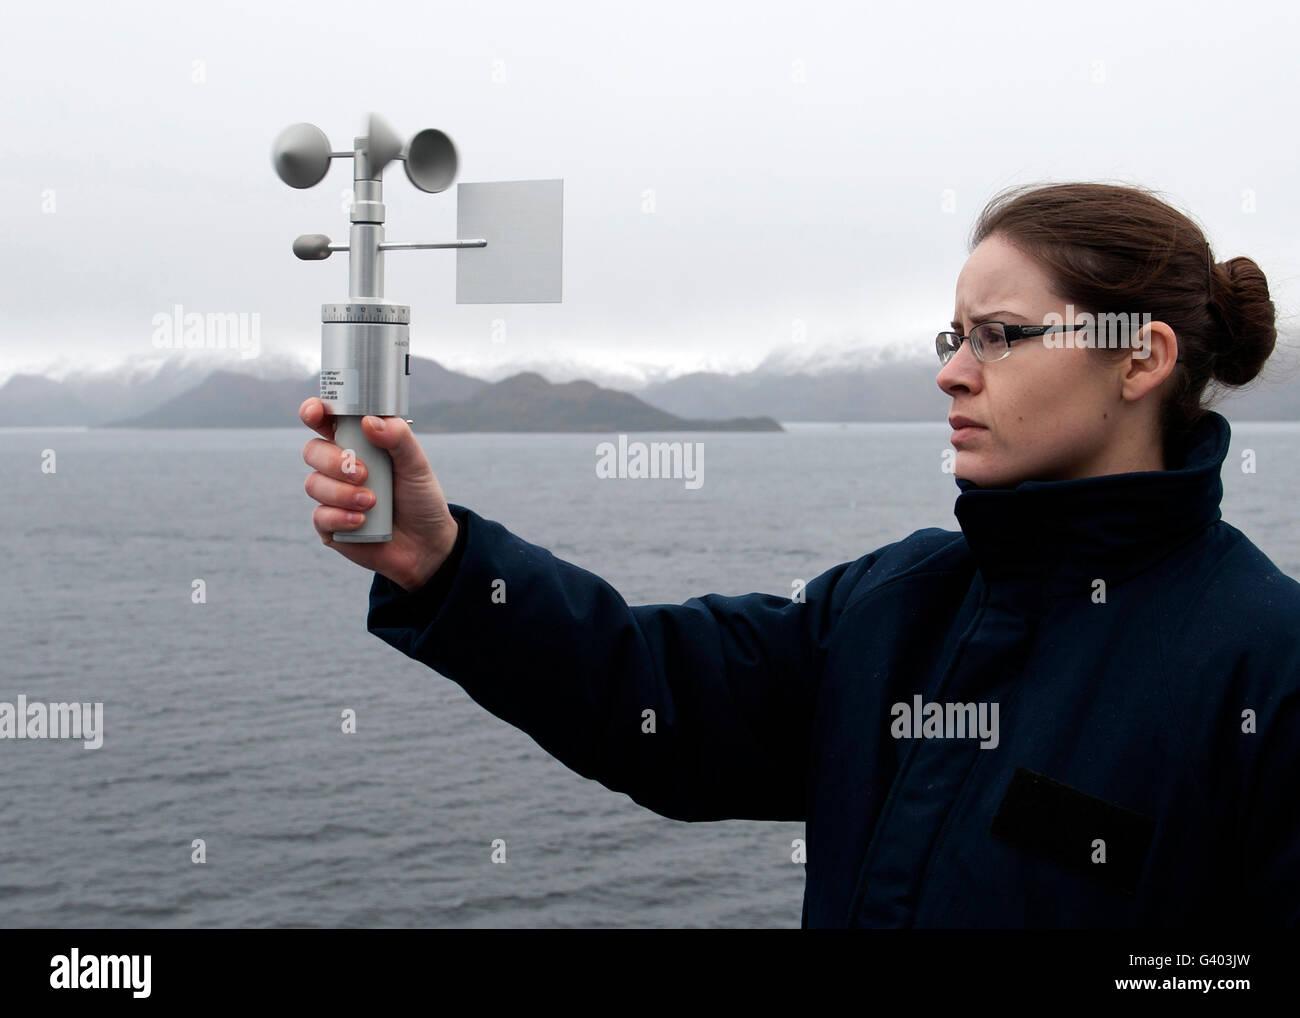 Aerographer'Mate utilise un anémomètre pour mesurer la vitesse du vent. Photo Stock